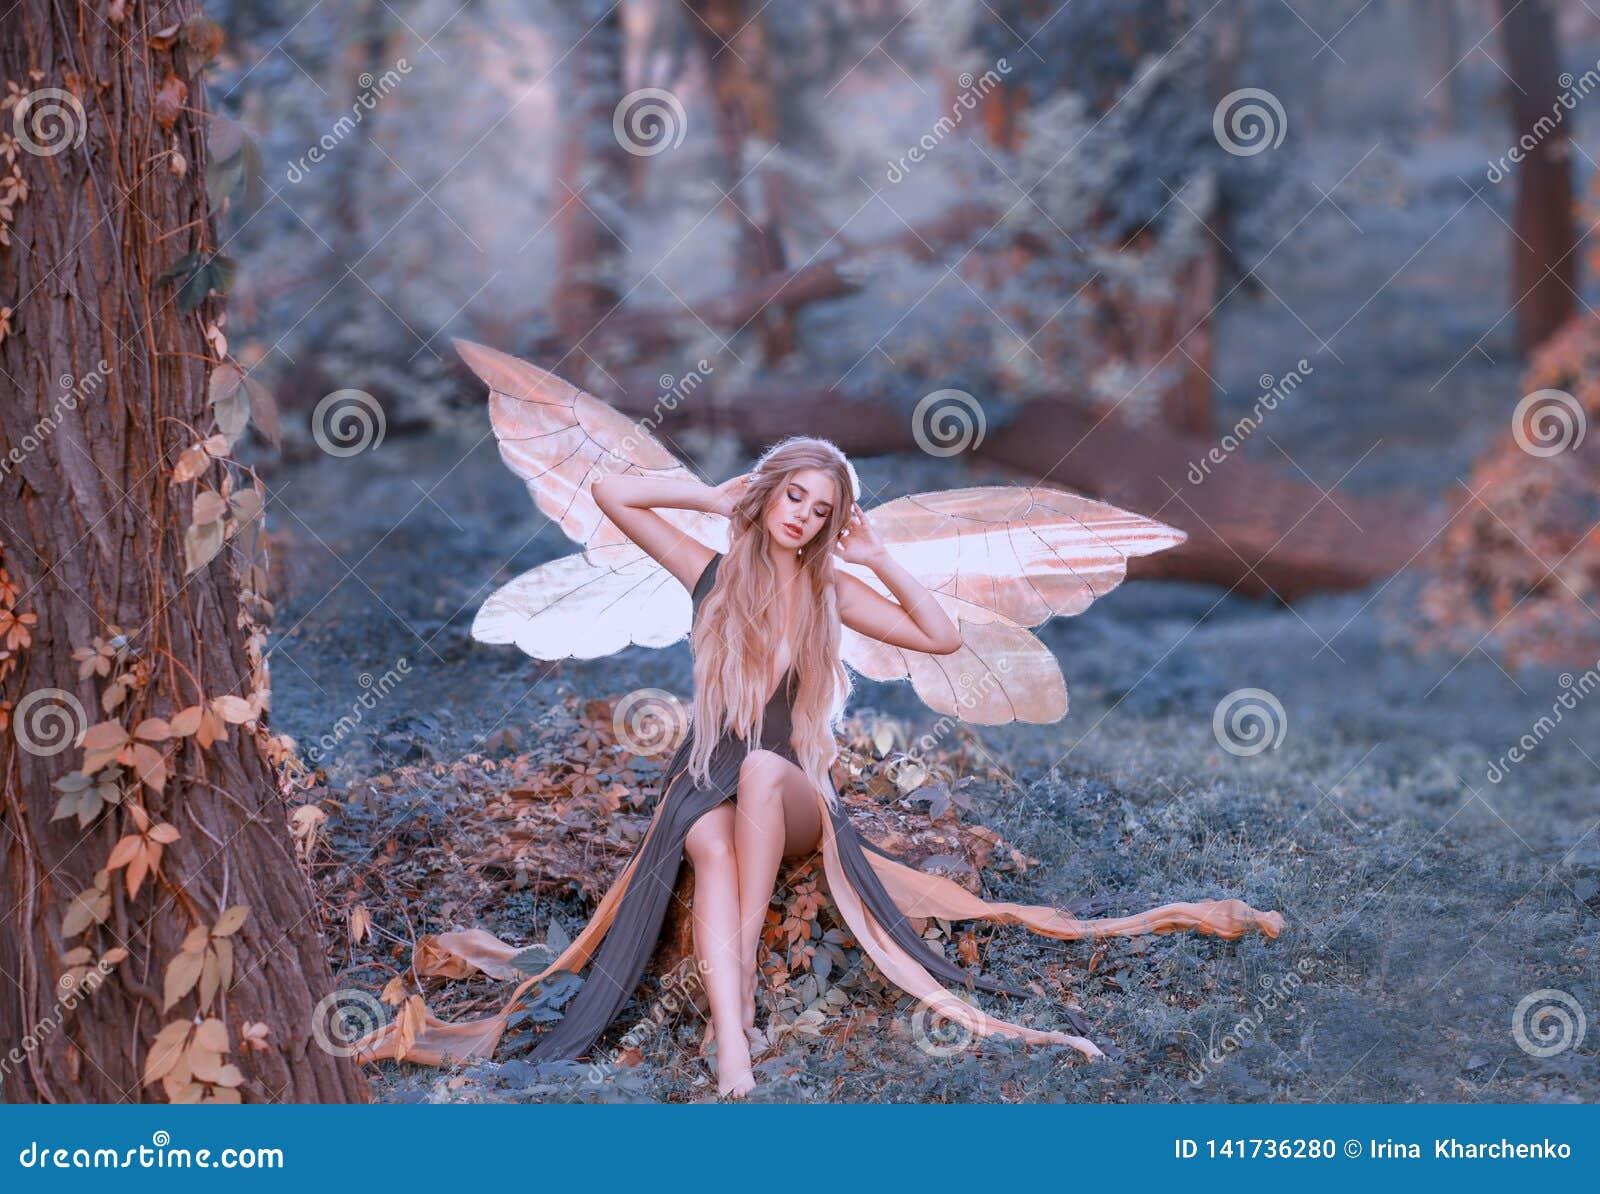 La hada encantadora despertó en el bosque, dulce tortazos después de dormir, muchacha de la señal con el pelo rubio, ojos cerrado